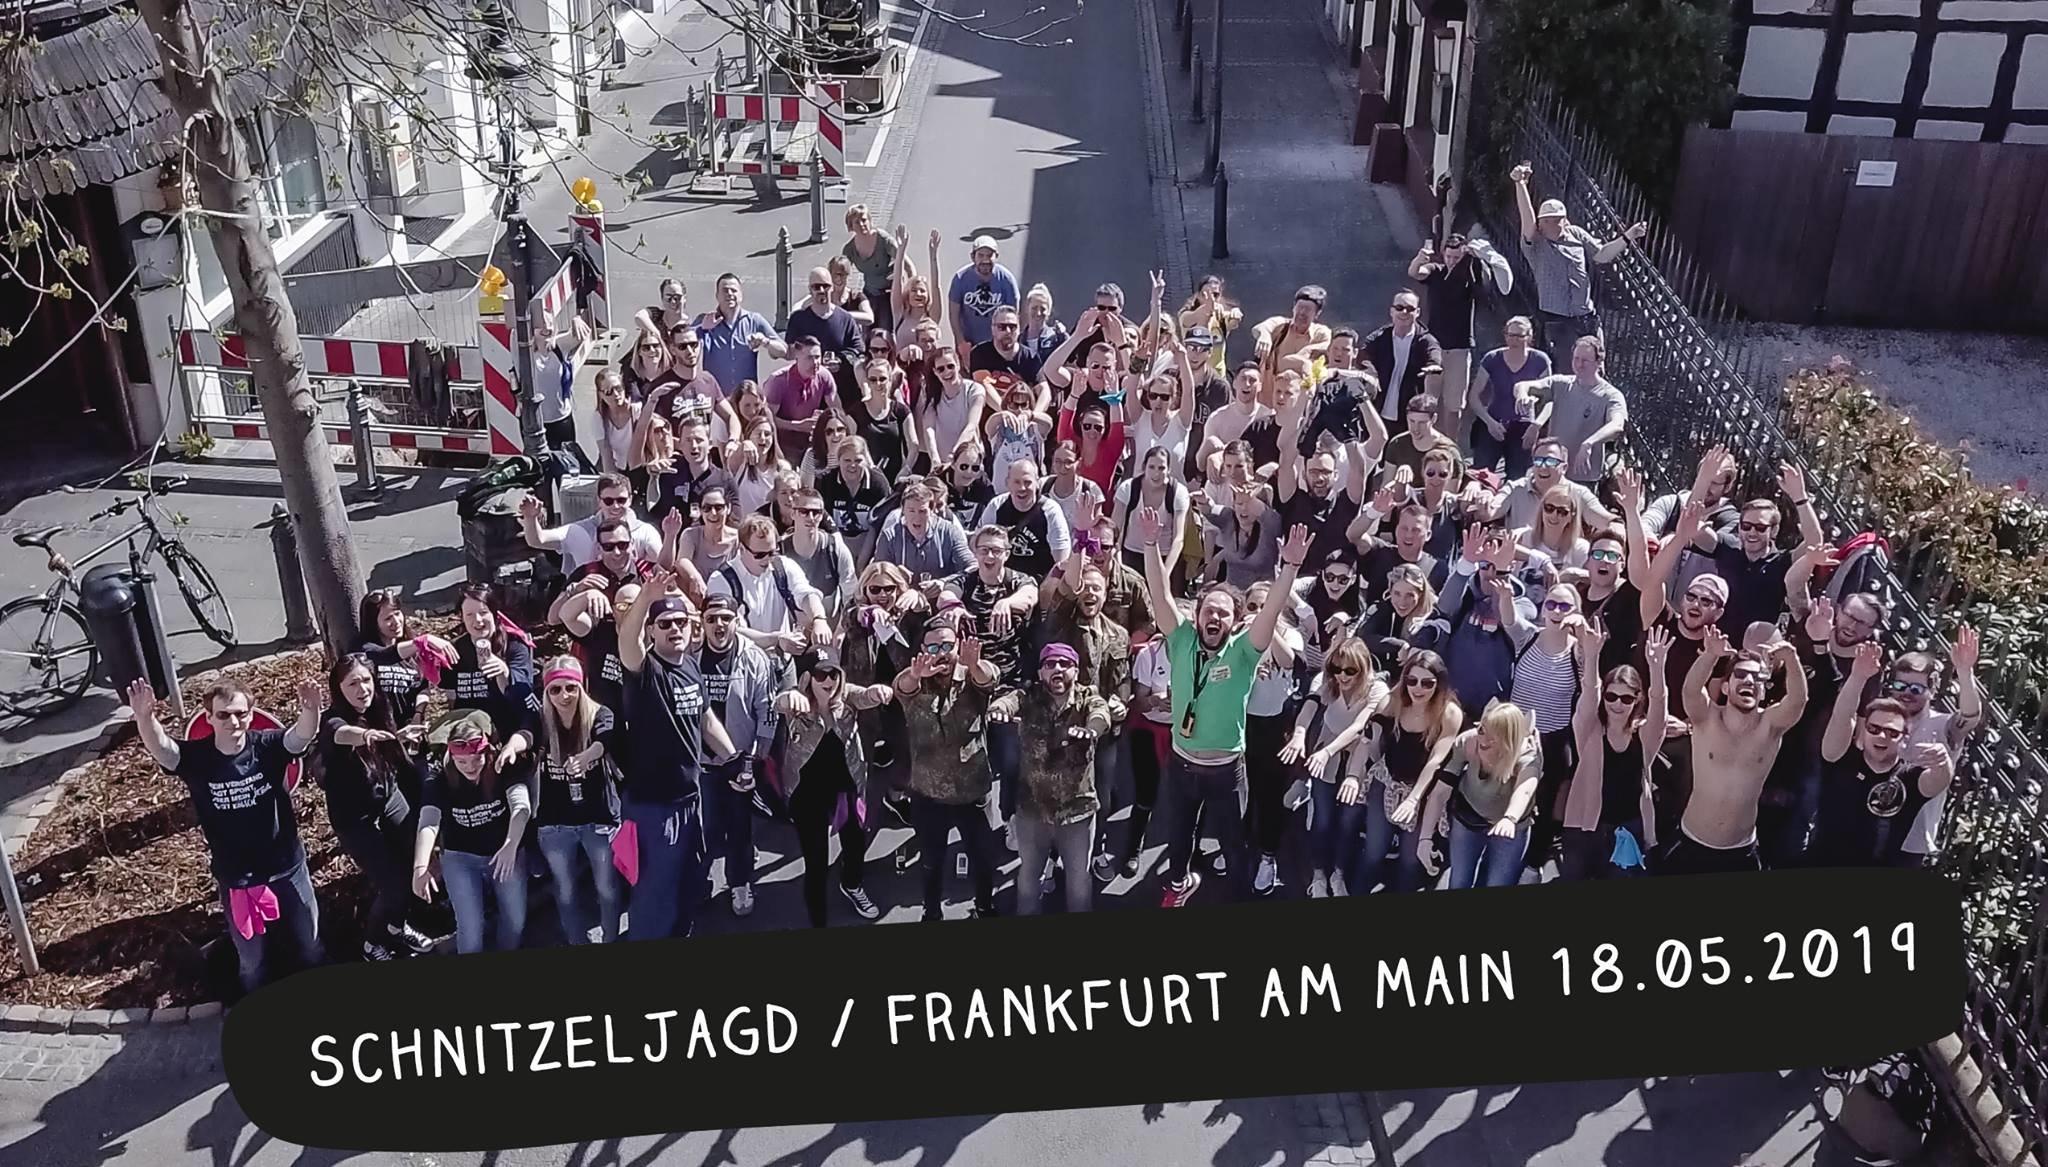 Schnitzeljagd Frankfurt